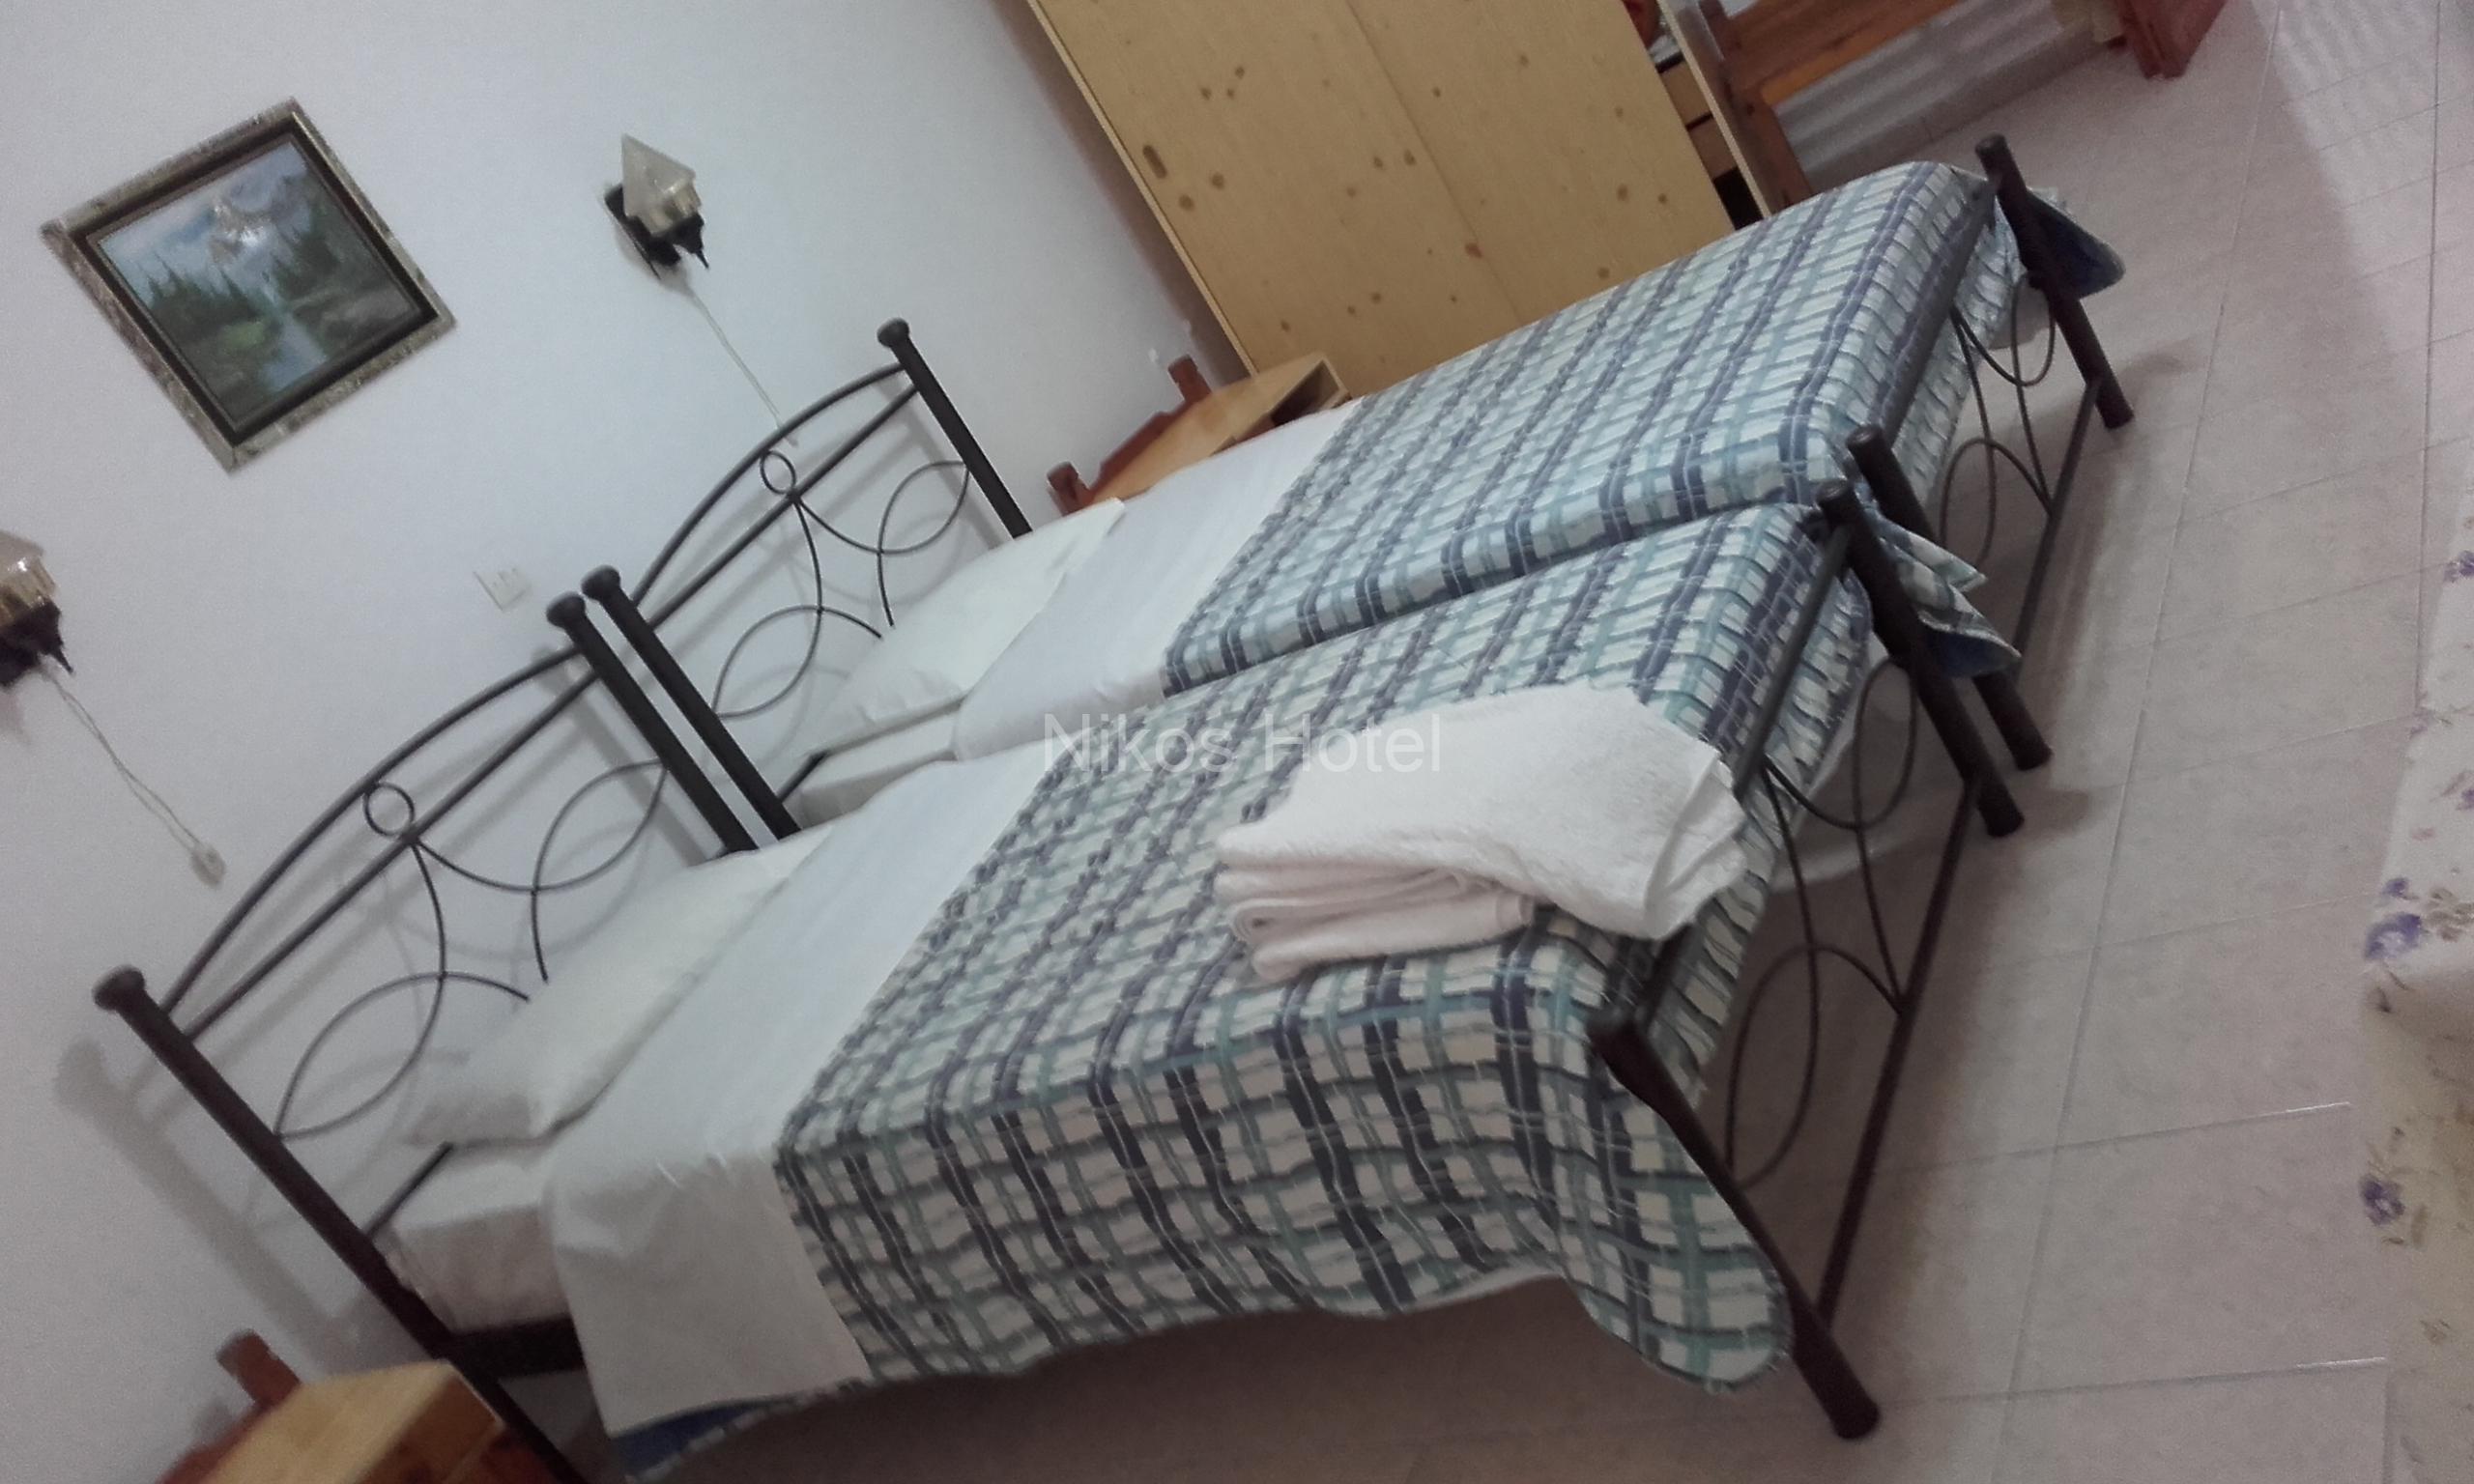 Studio 2-3 Beds, Room Nr.5